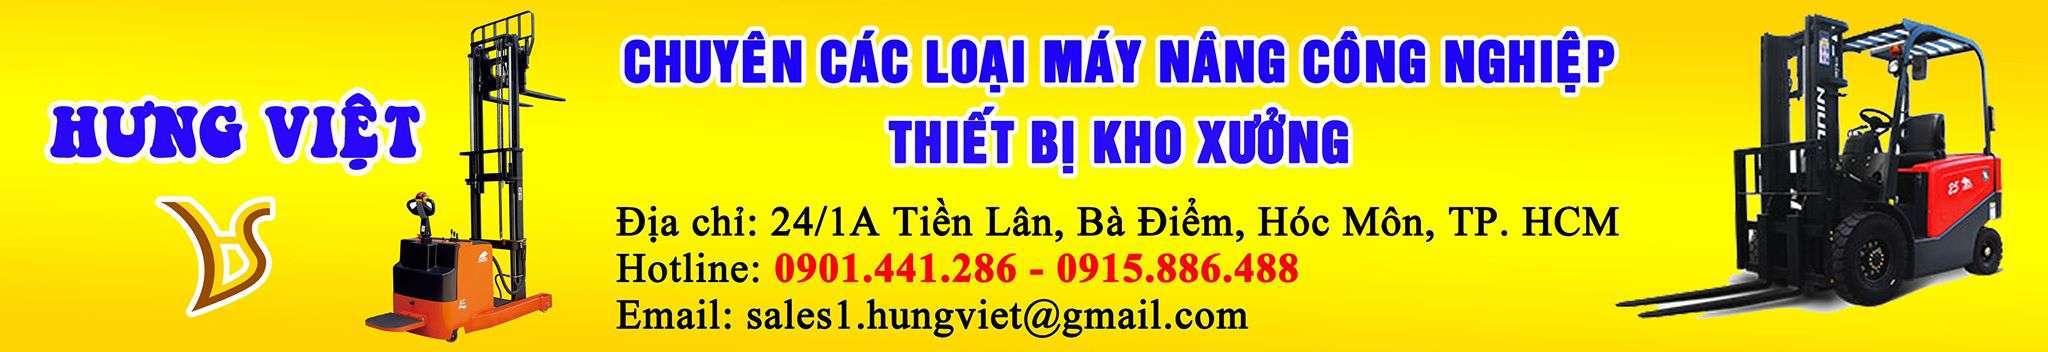 Thiết bị nâng Hưng Việt, xe nâng chuyên nghiệp